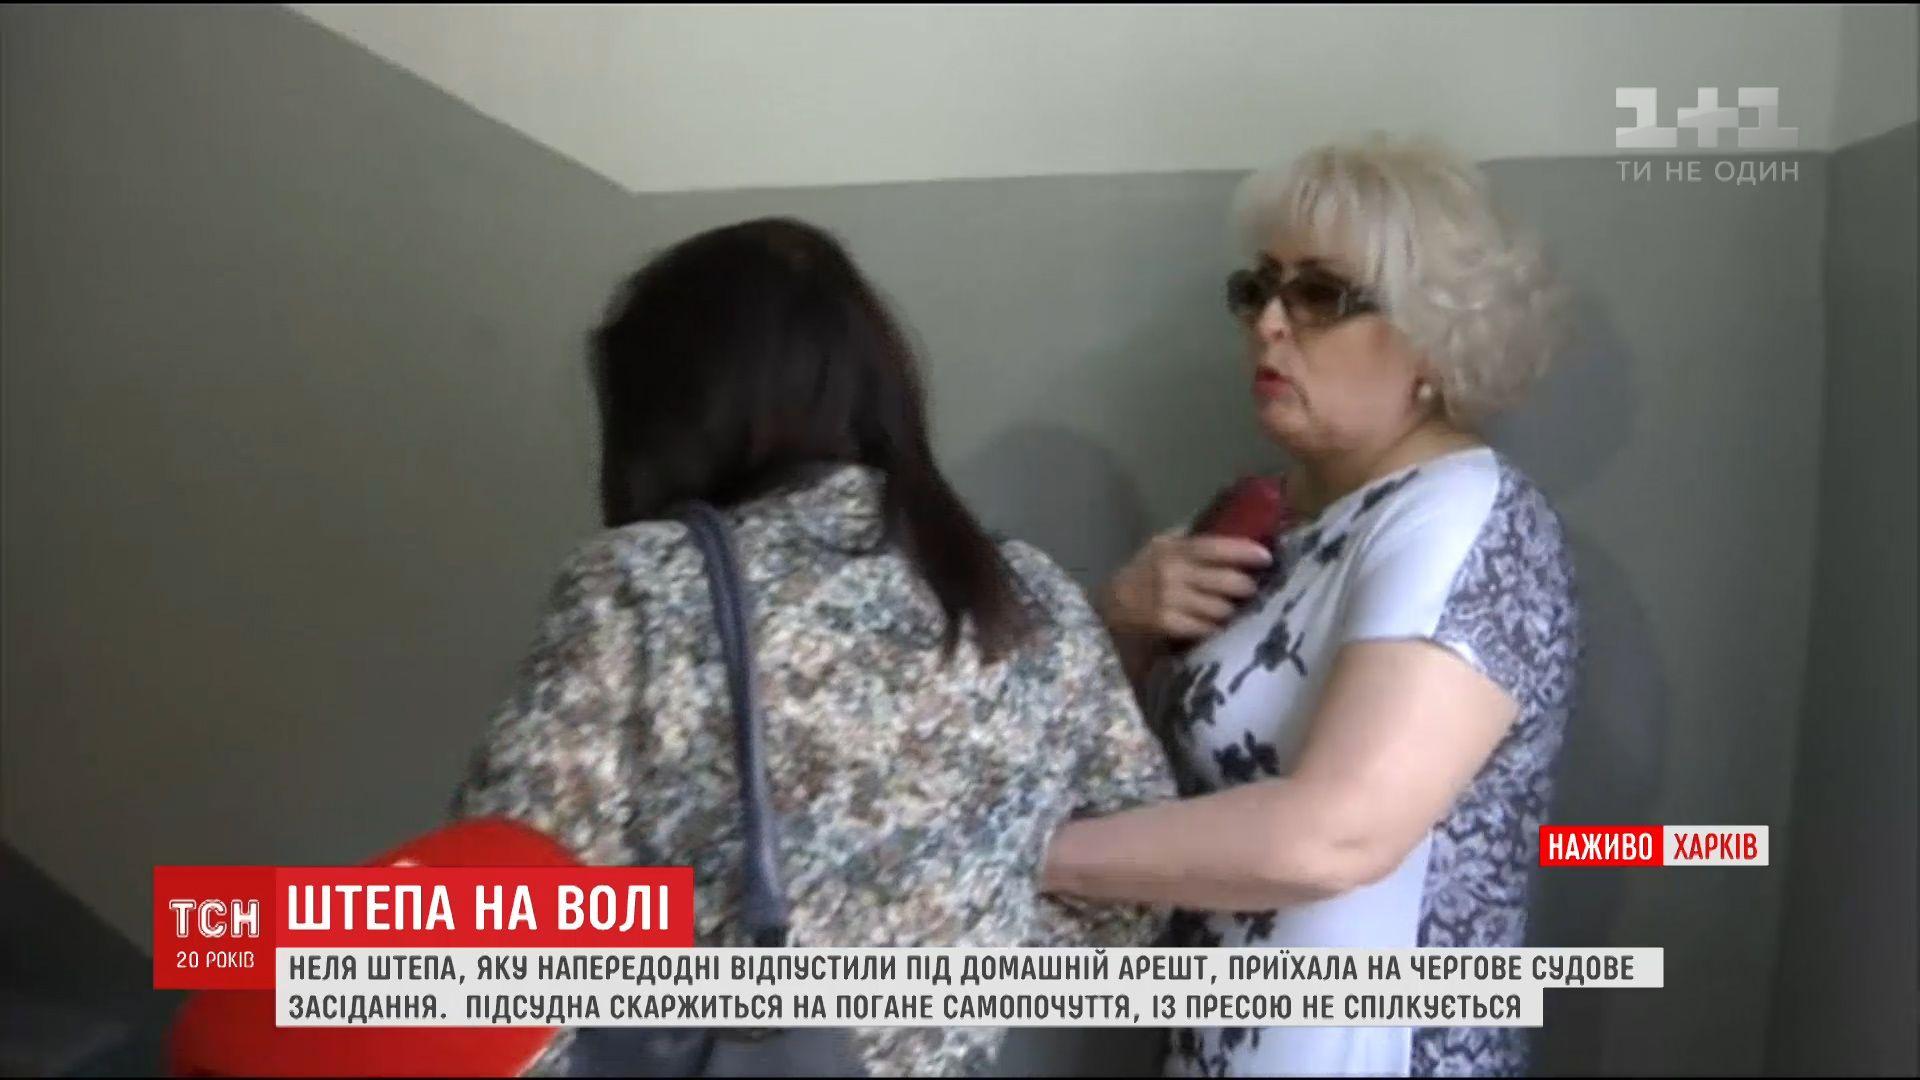 Штепа після виходу із СІЗО зареєструвалась у Слов'янському відділку поліції / Скріншот відео ТСН